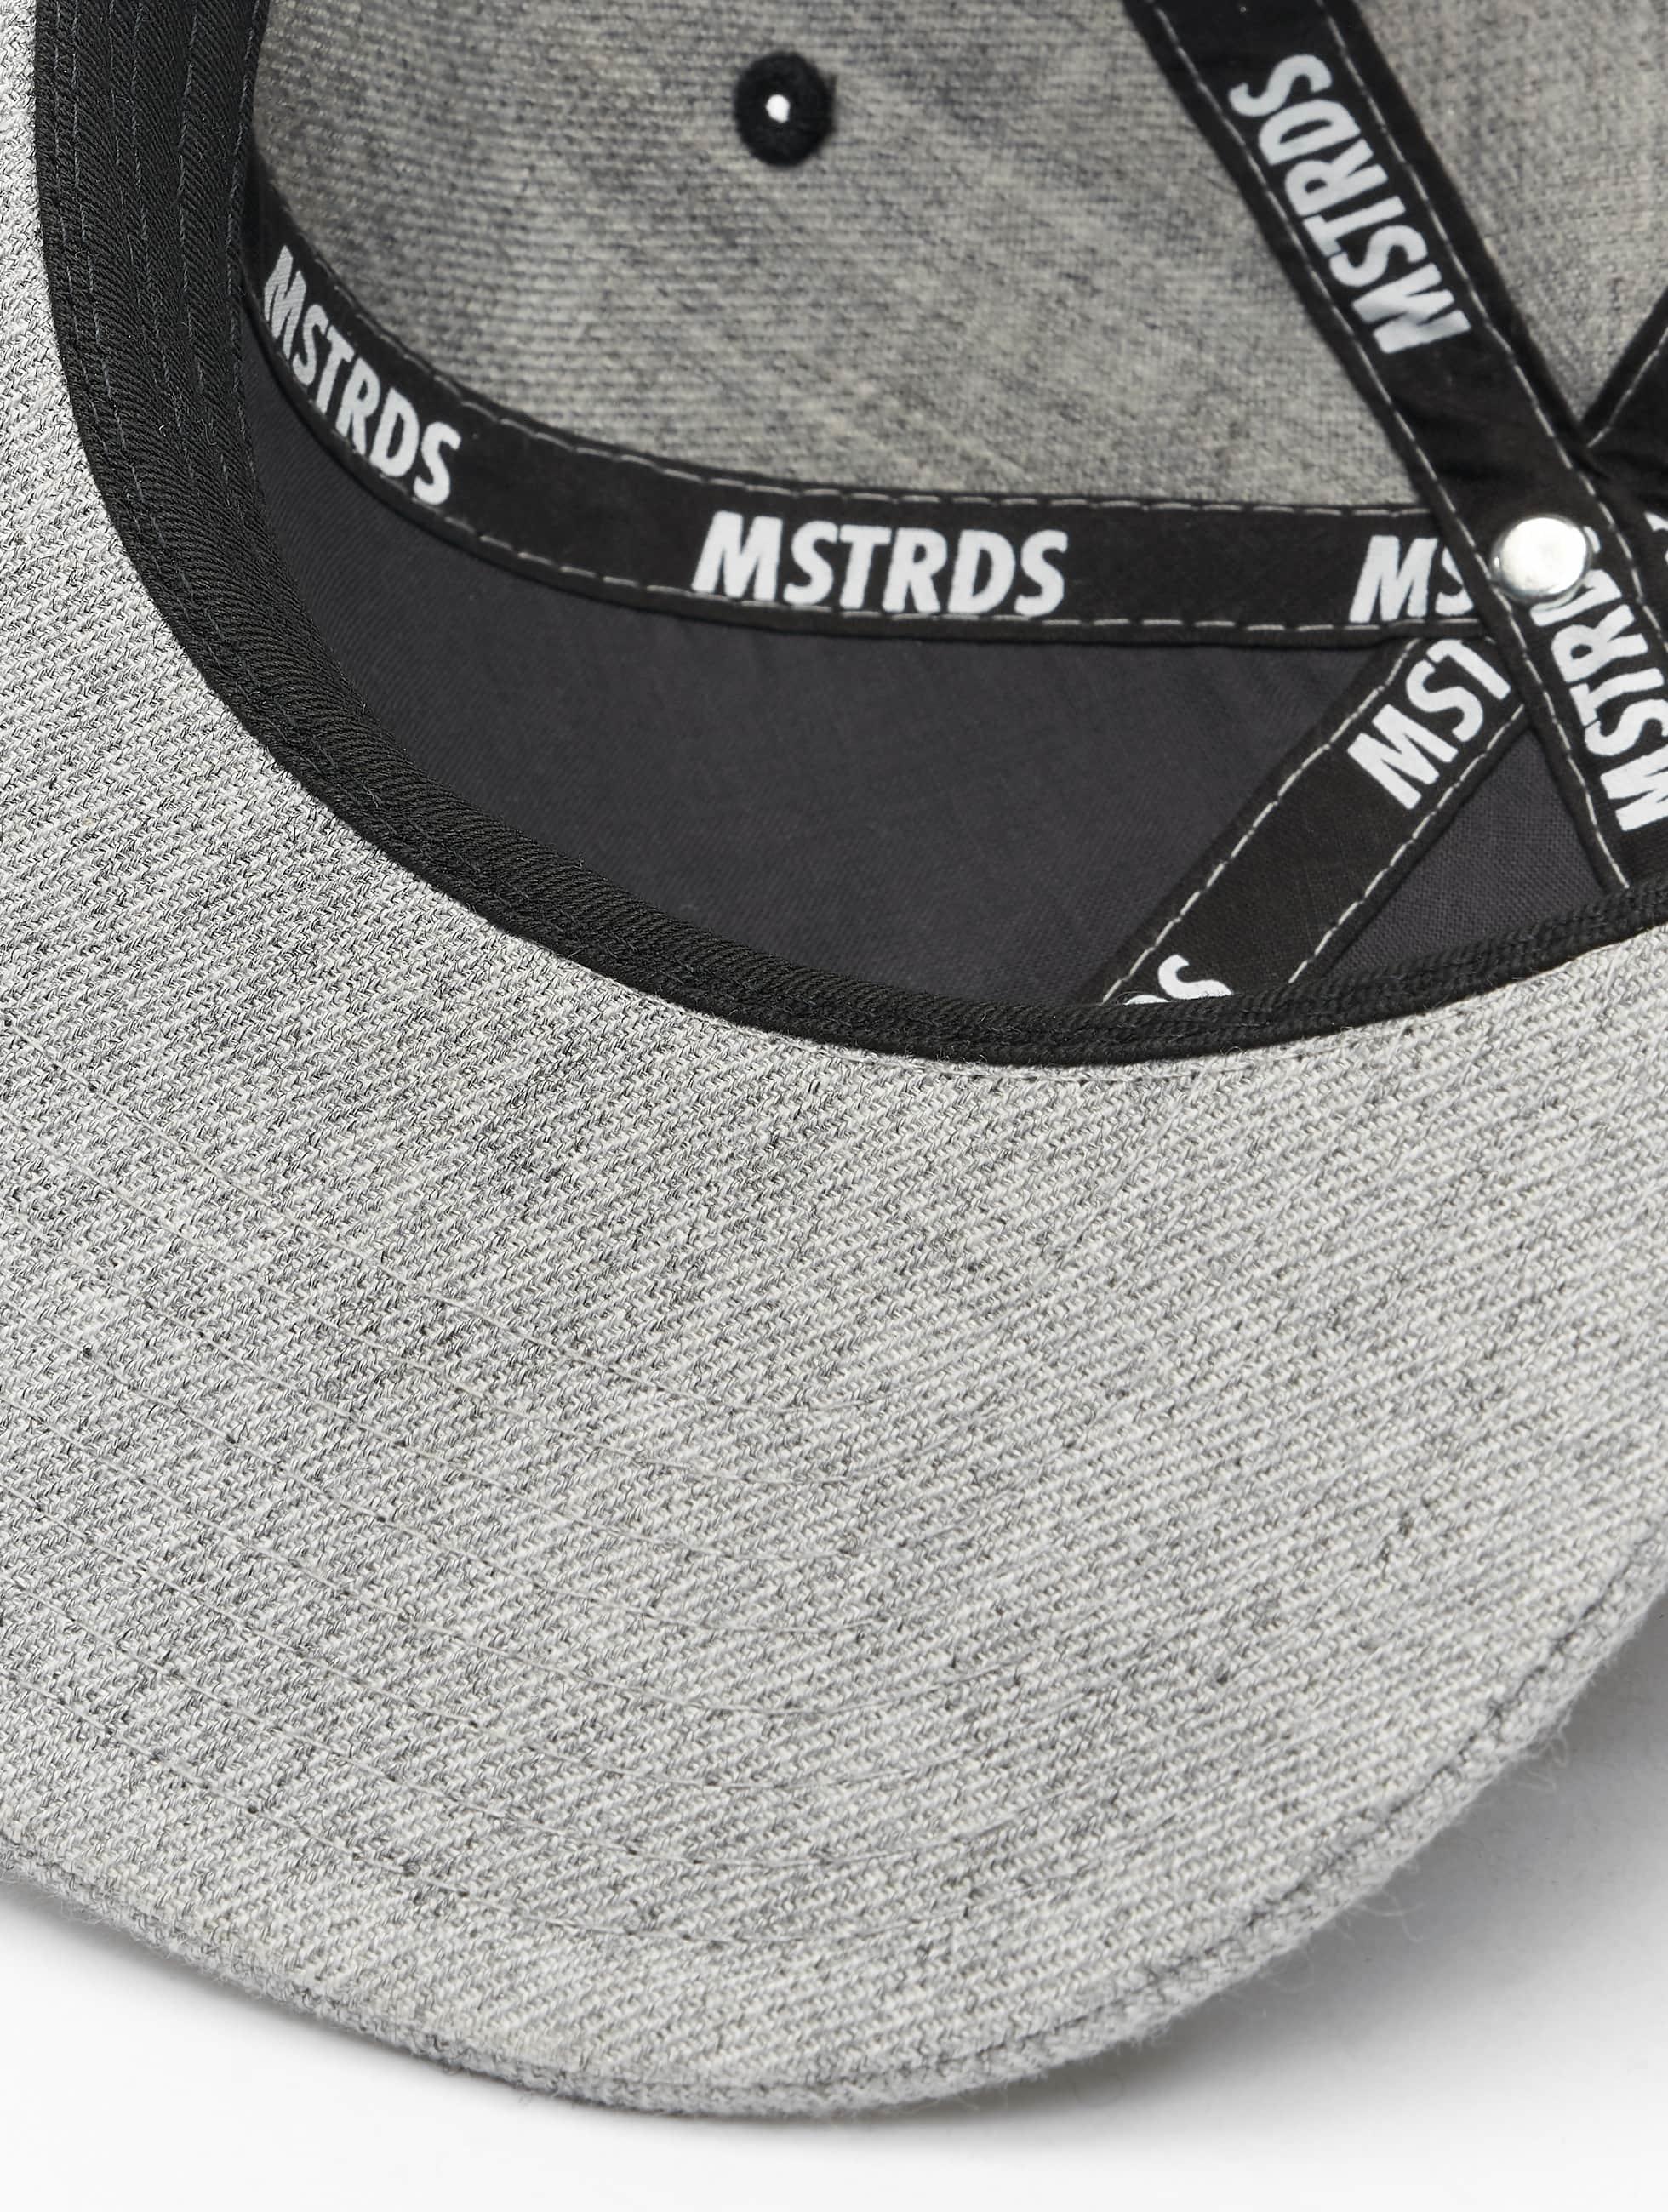 MSTRDS Casquette Snapback & Strapback P Letter gris